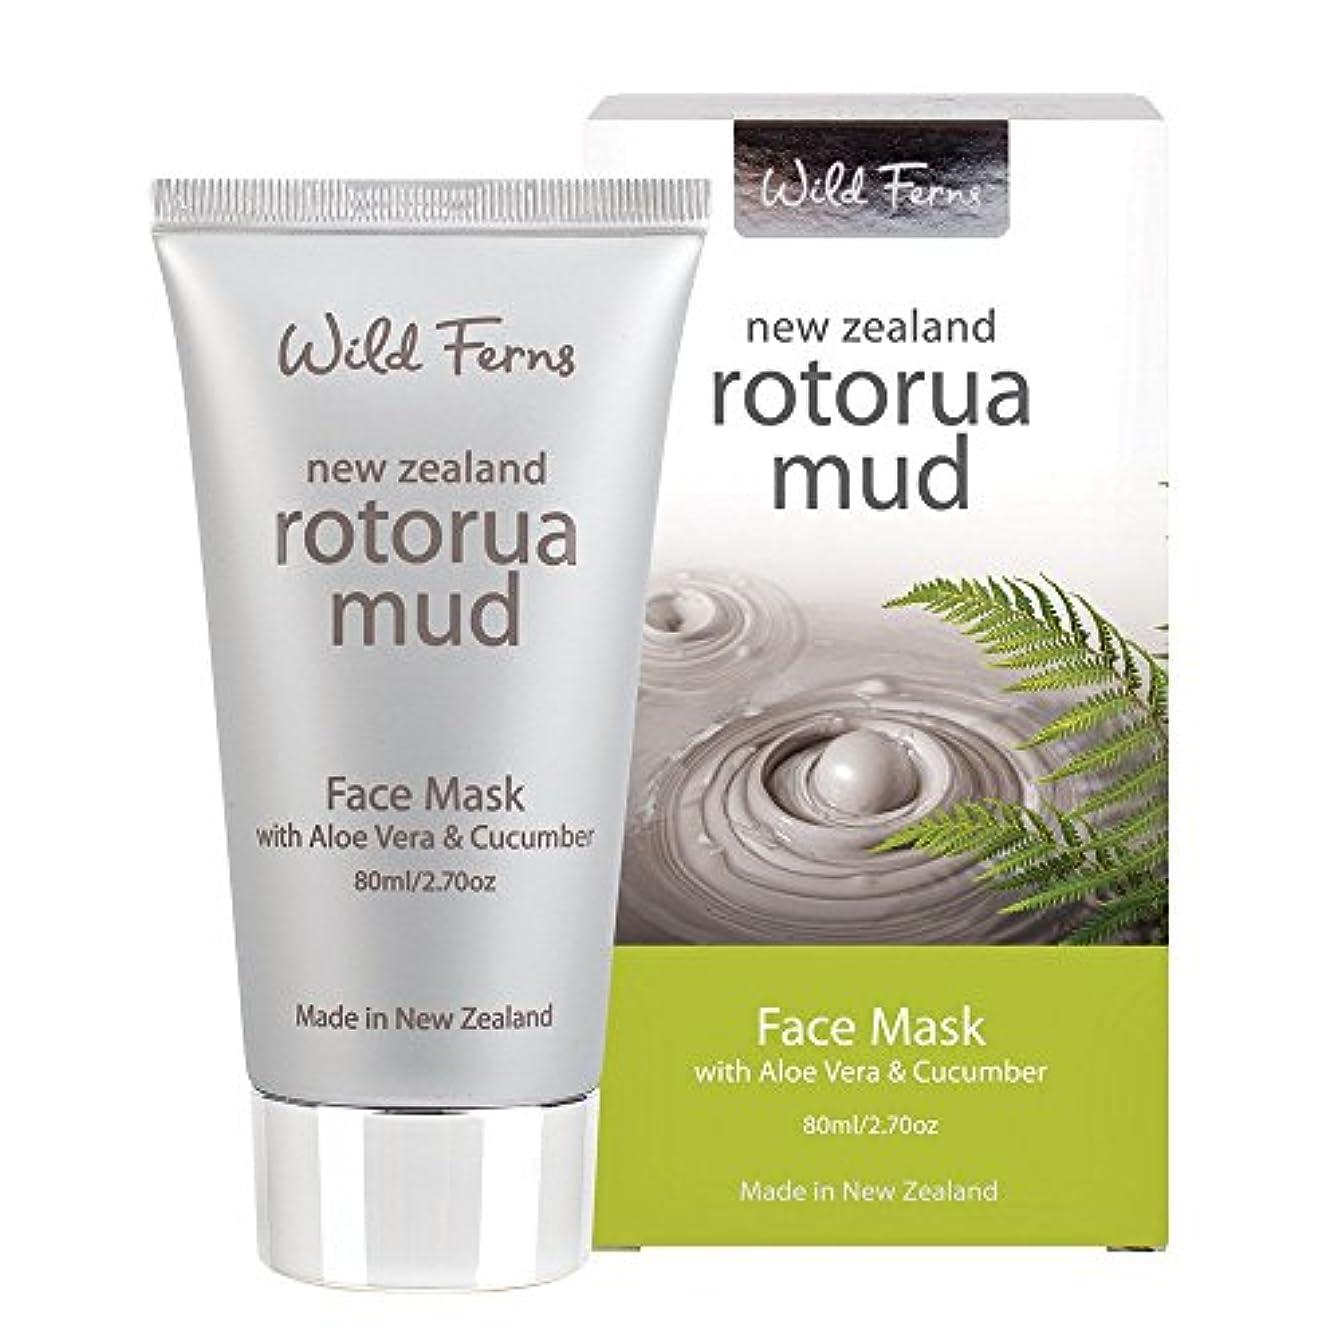 招待老朽化したオープニングRotorua Face Mask with Aloe Vera & Cucumber 80ml